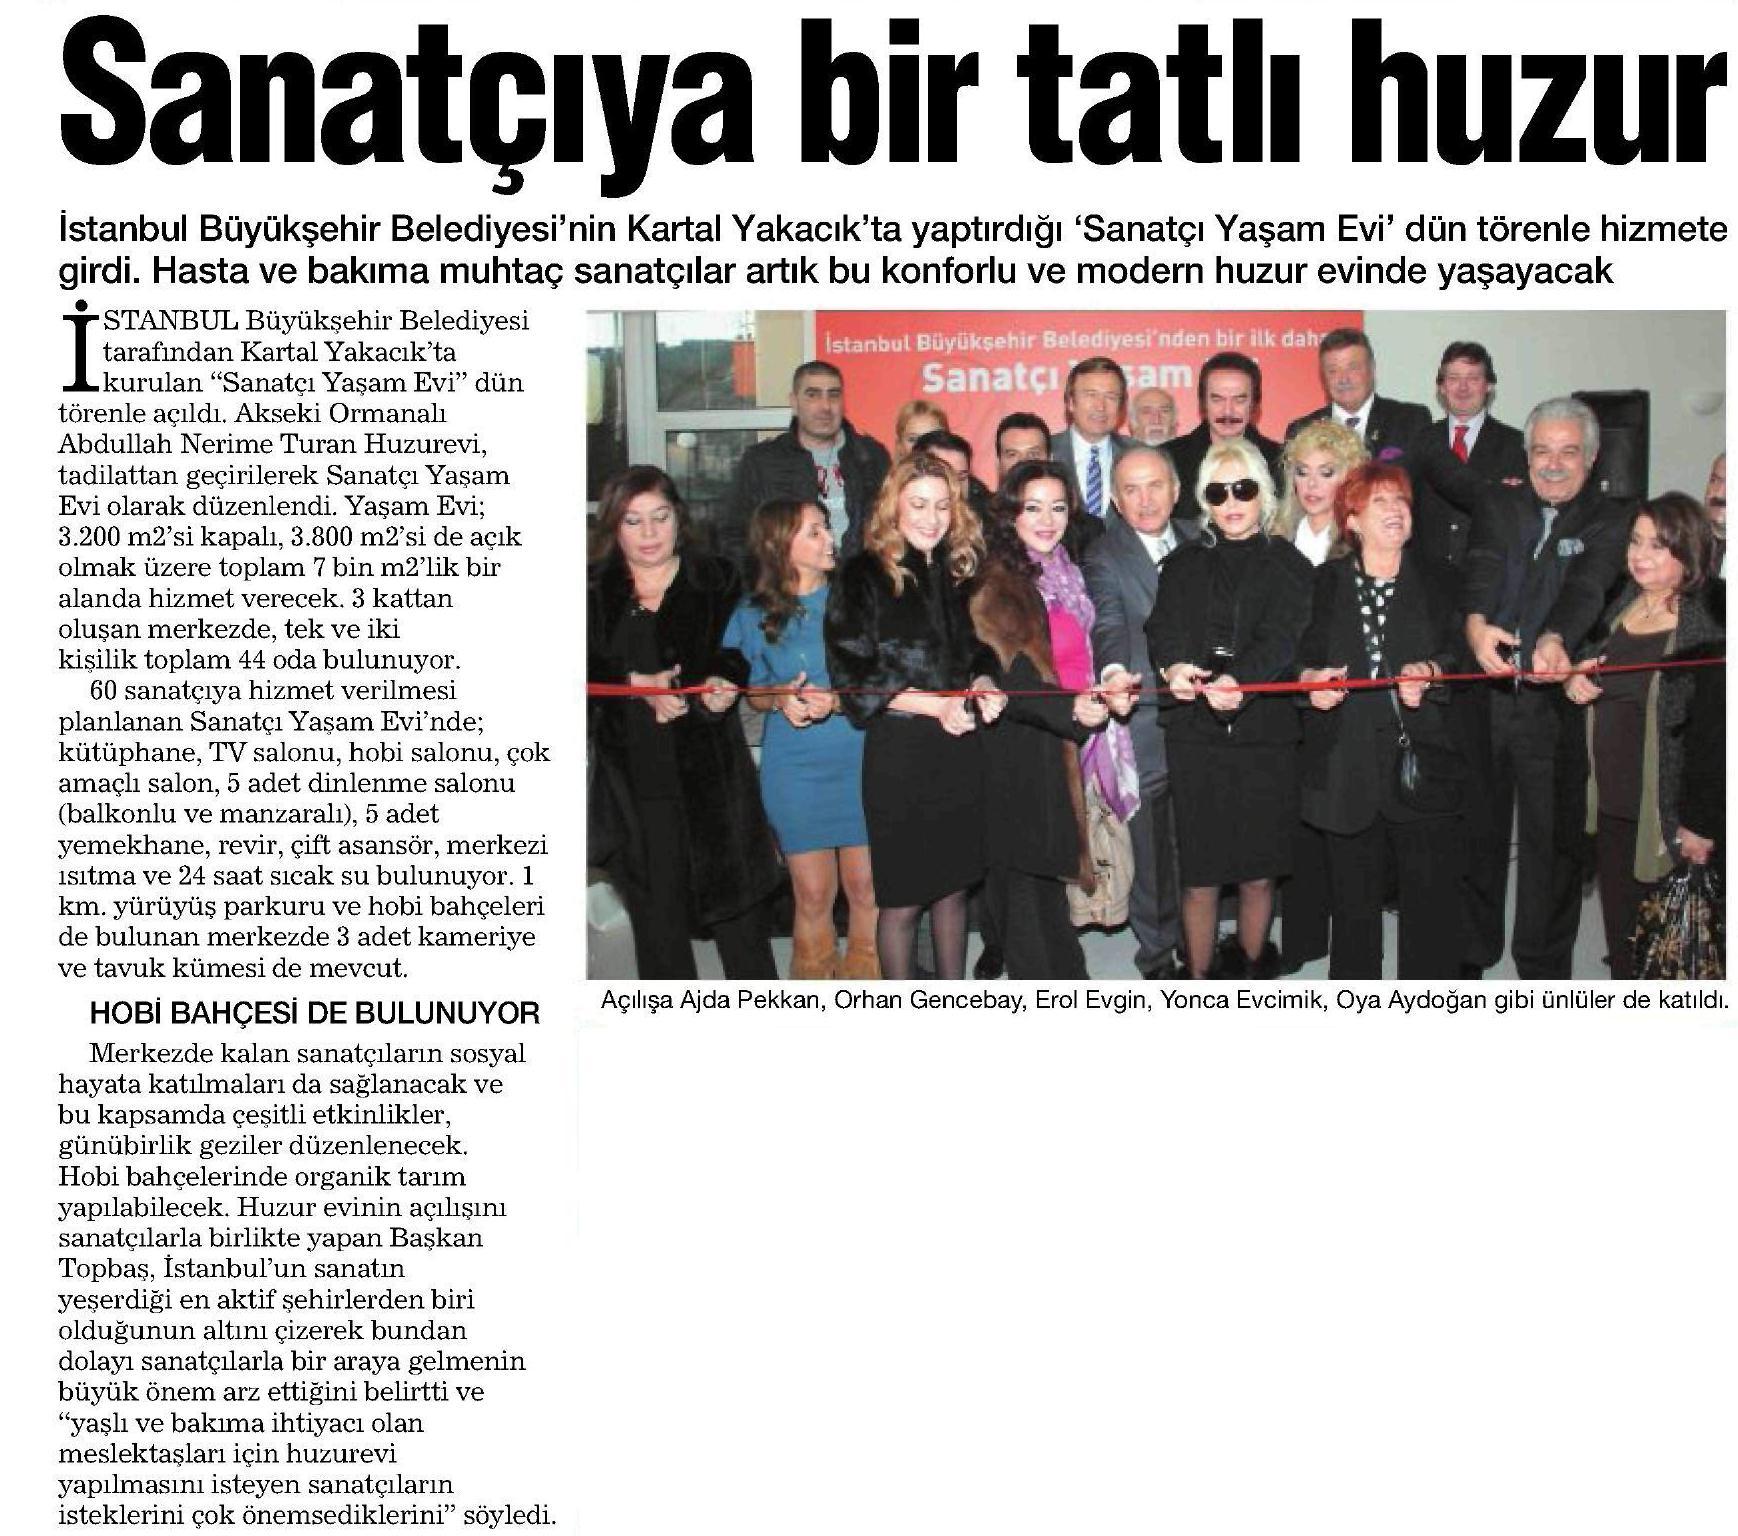 22.12.2011_haberturk_sanatci_yasamevi